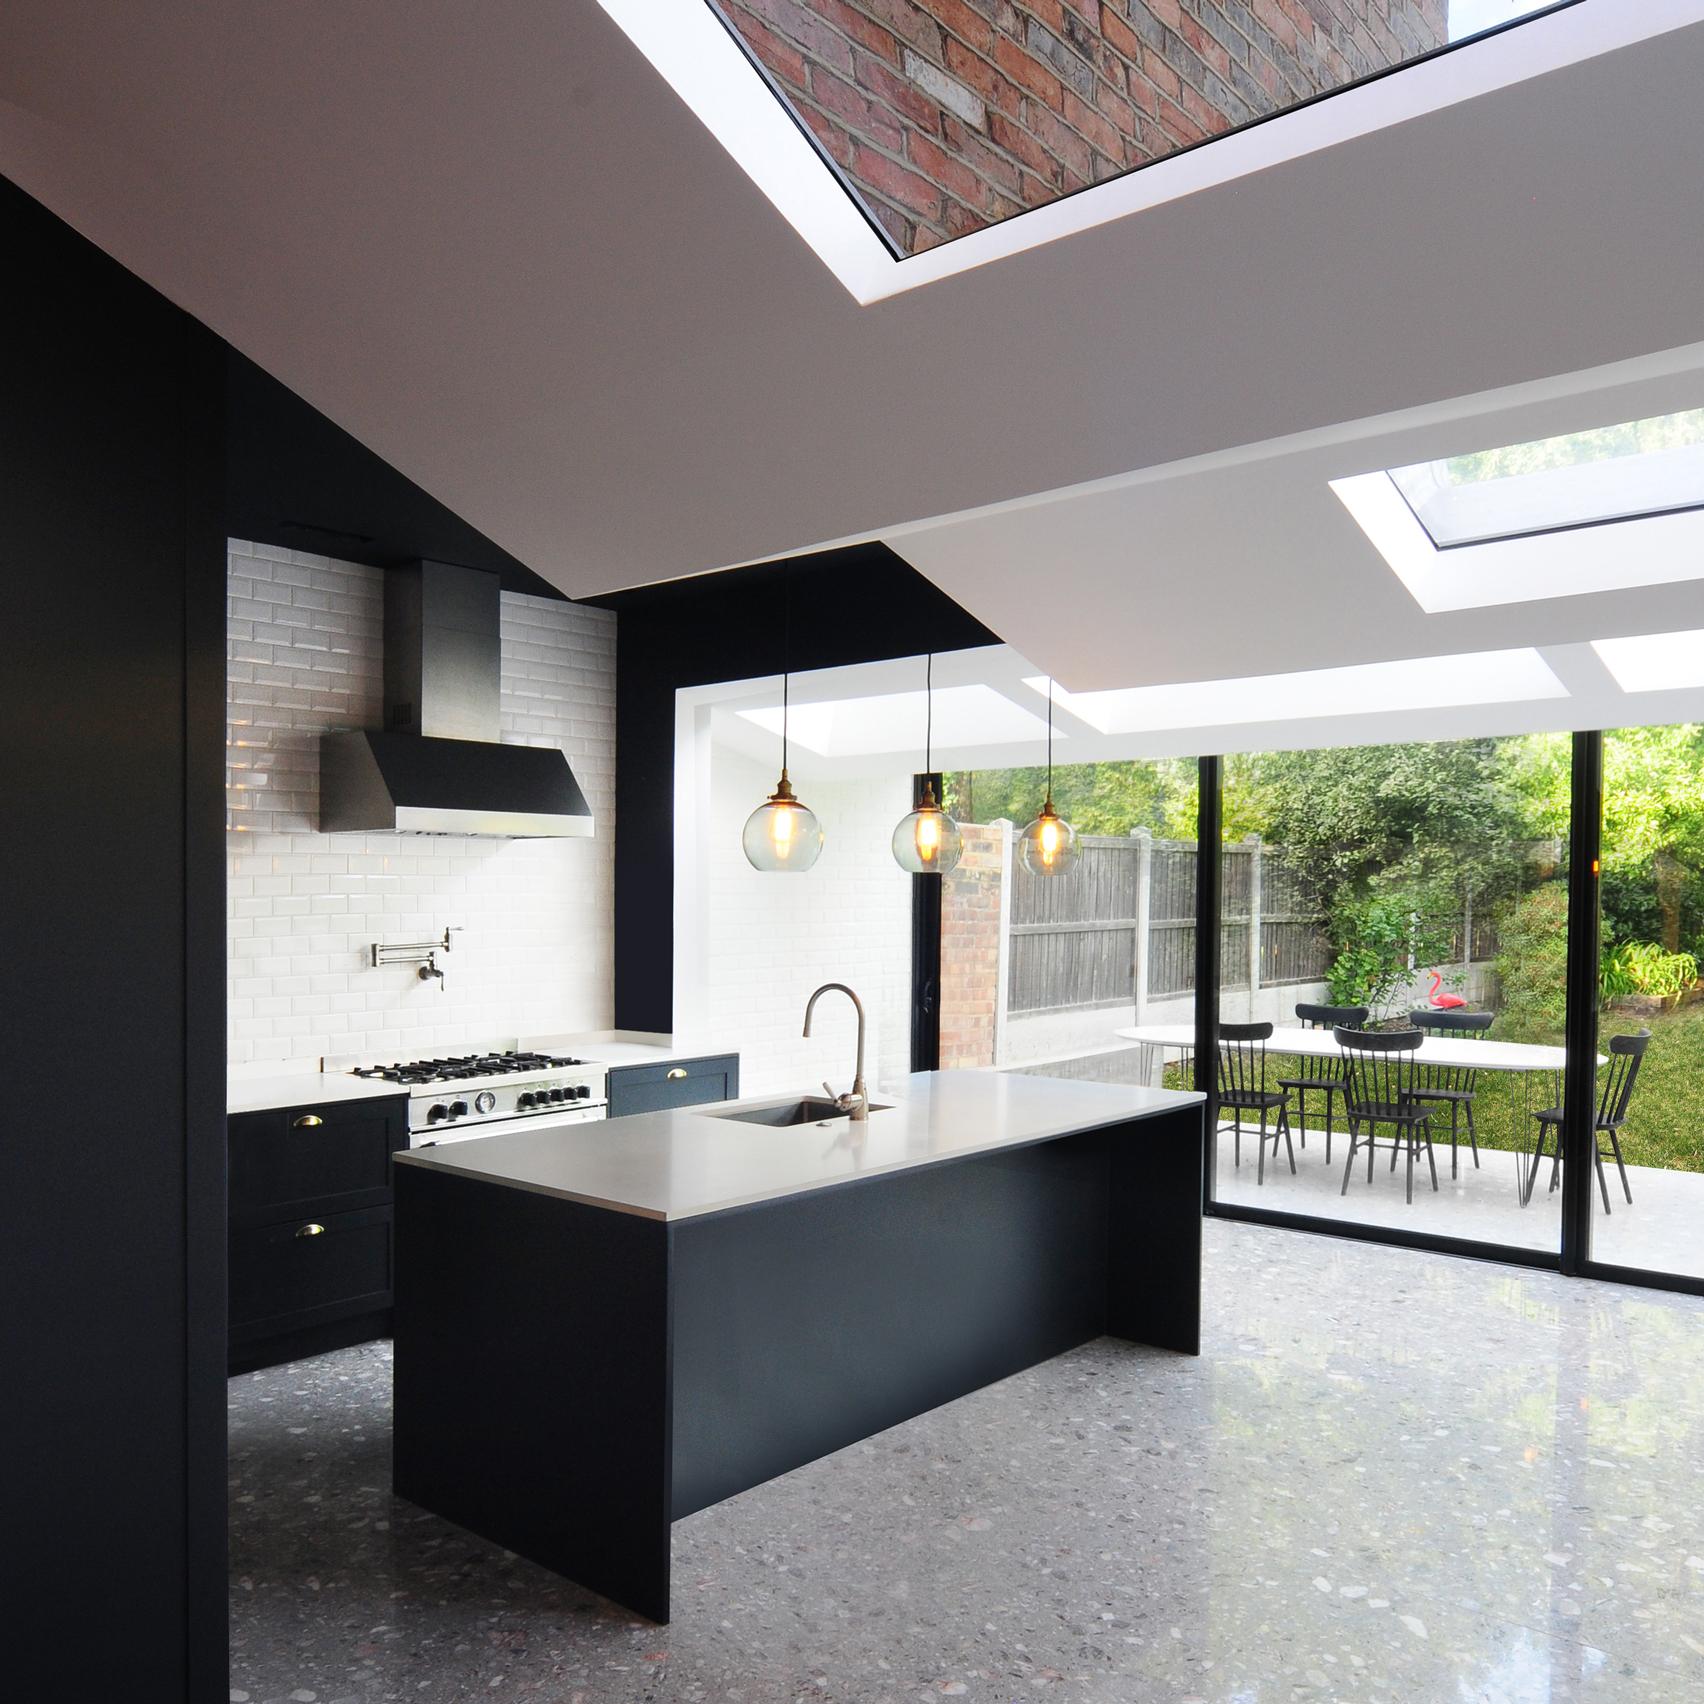 design 3noviceseurope page 357. Black Bedroom Furniture Sets. Home Design Ideas